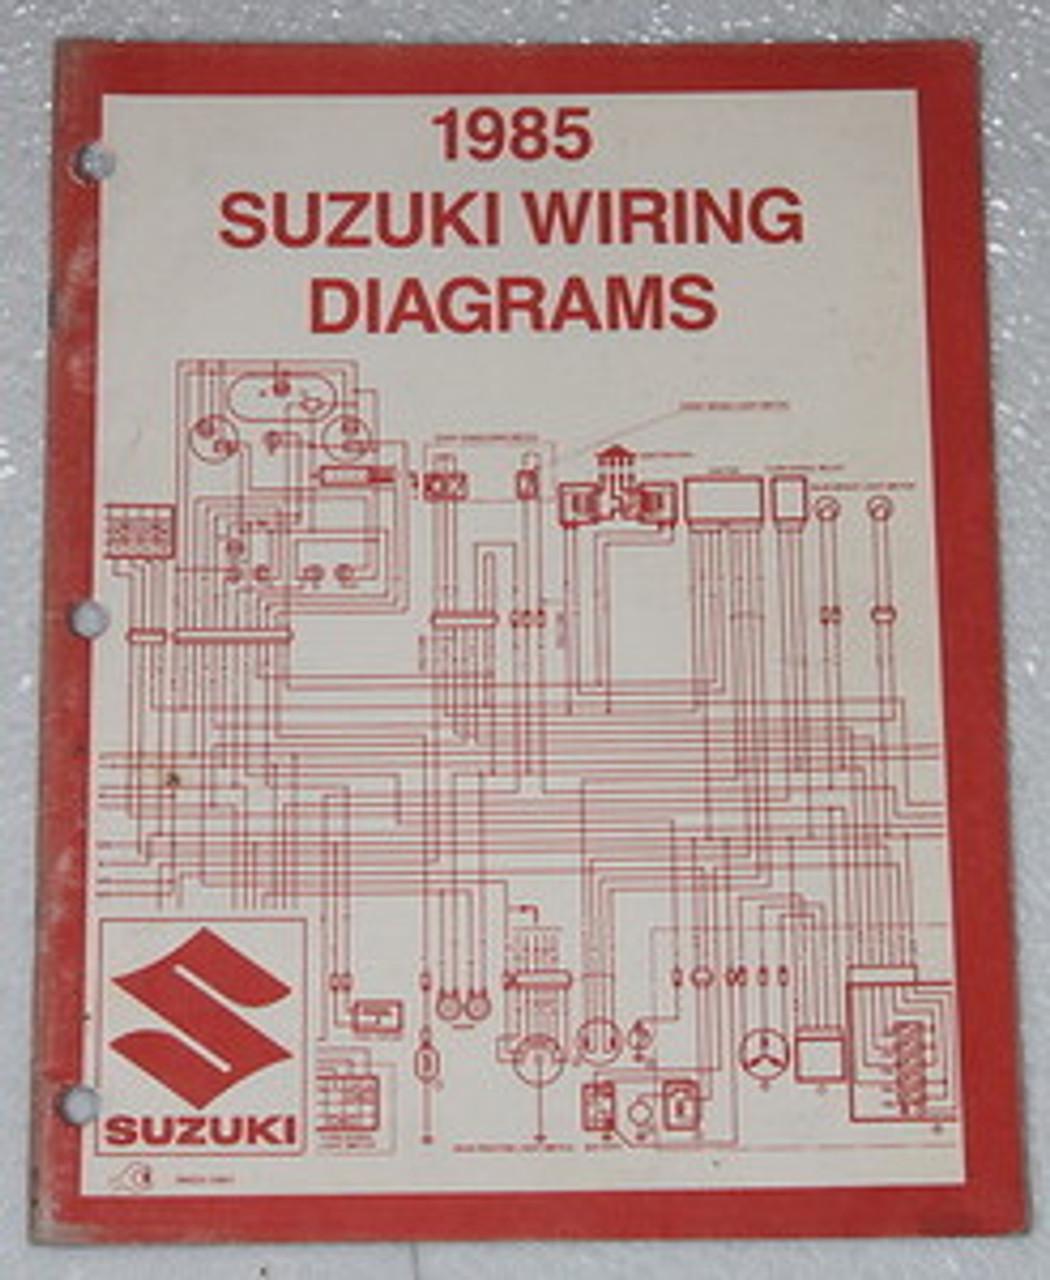 1992 suzuki s40 wiring diagram 1984 suzuki motorcycle and atv electrical wiring diagrams manual  atv electrical wiring diagrams manual